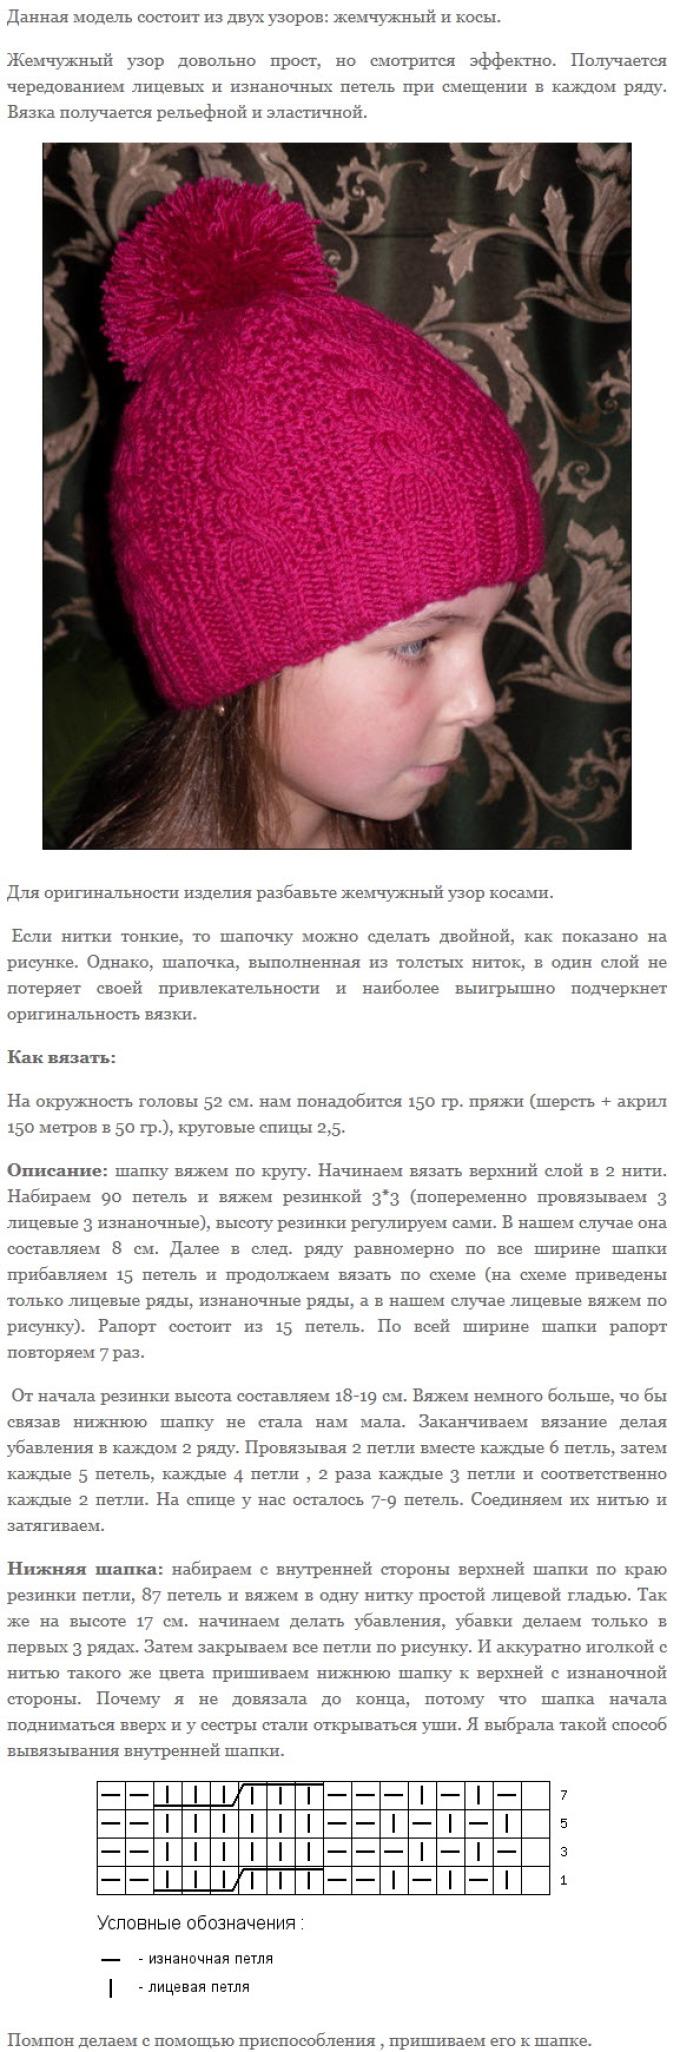 modnaya-vyazanaya-spicami-shapka-dlya-devochki-primer-3 Шапочка для новорожденного спицами, 25 моделей с описанием и видео уроками, Вязание для детей